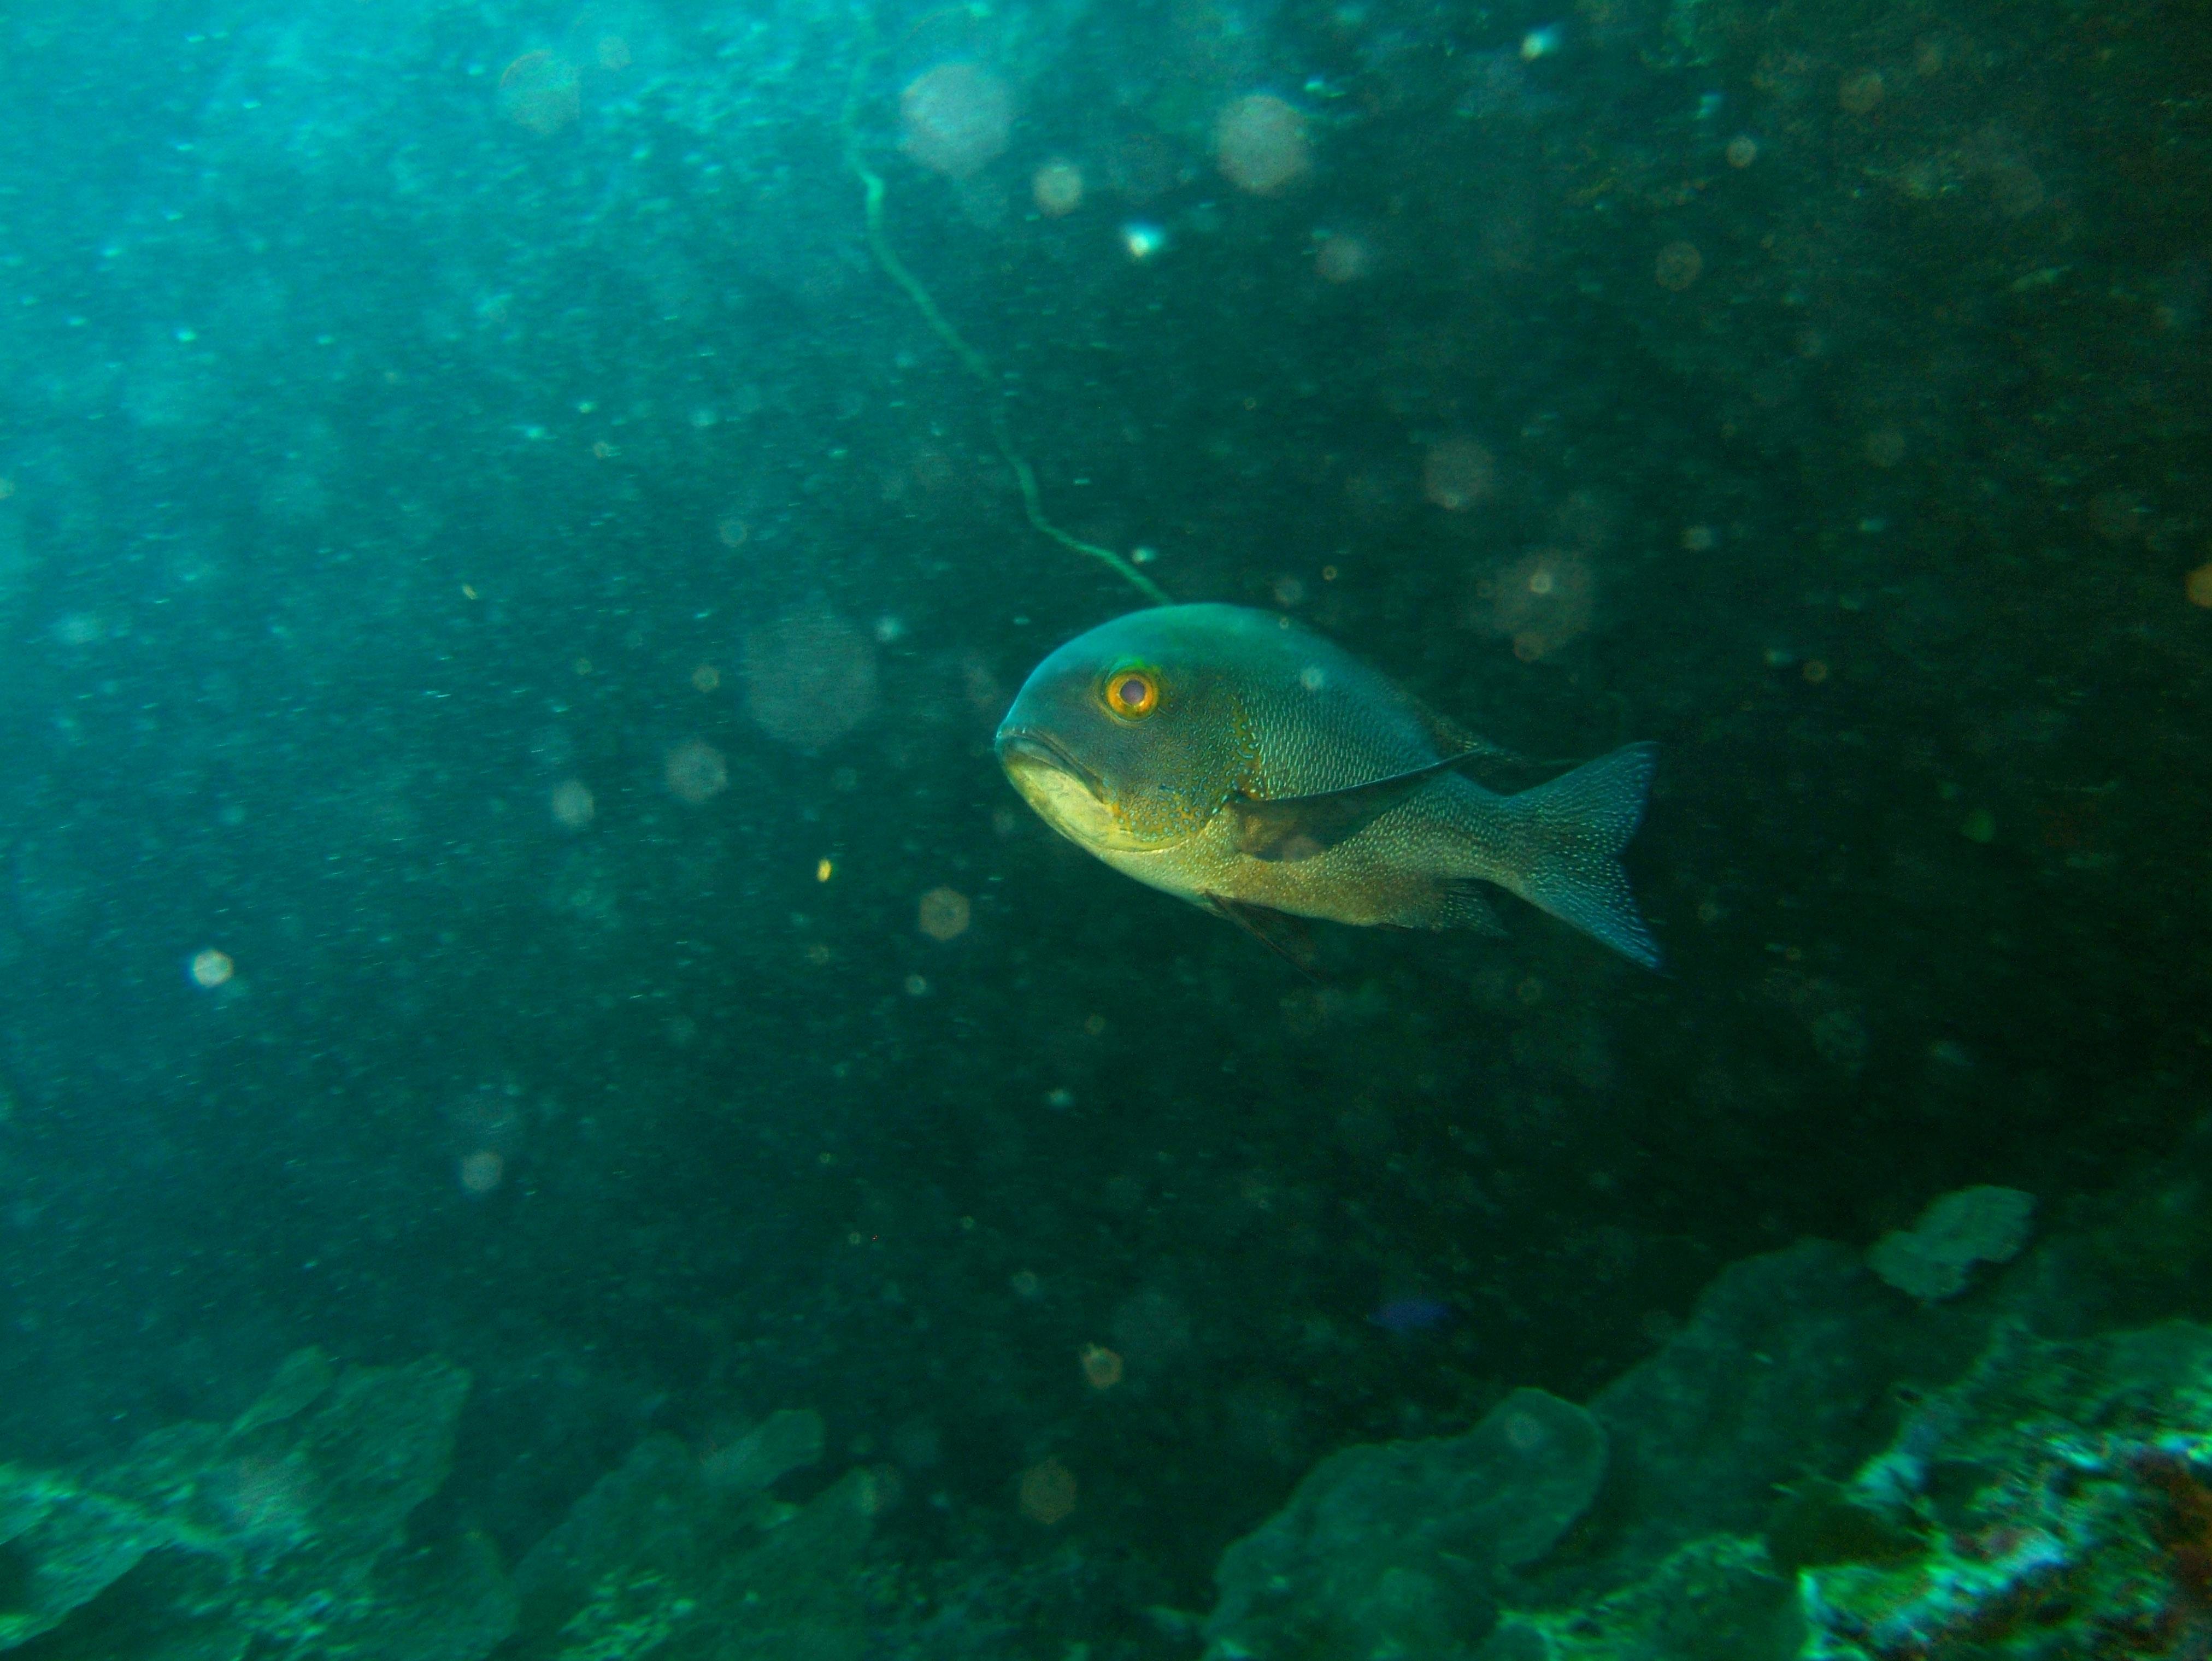 Philippines Cebu Bohol Balicasag Island Rudys rock dive Dec 2005 14